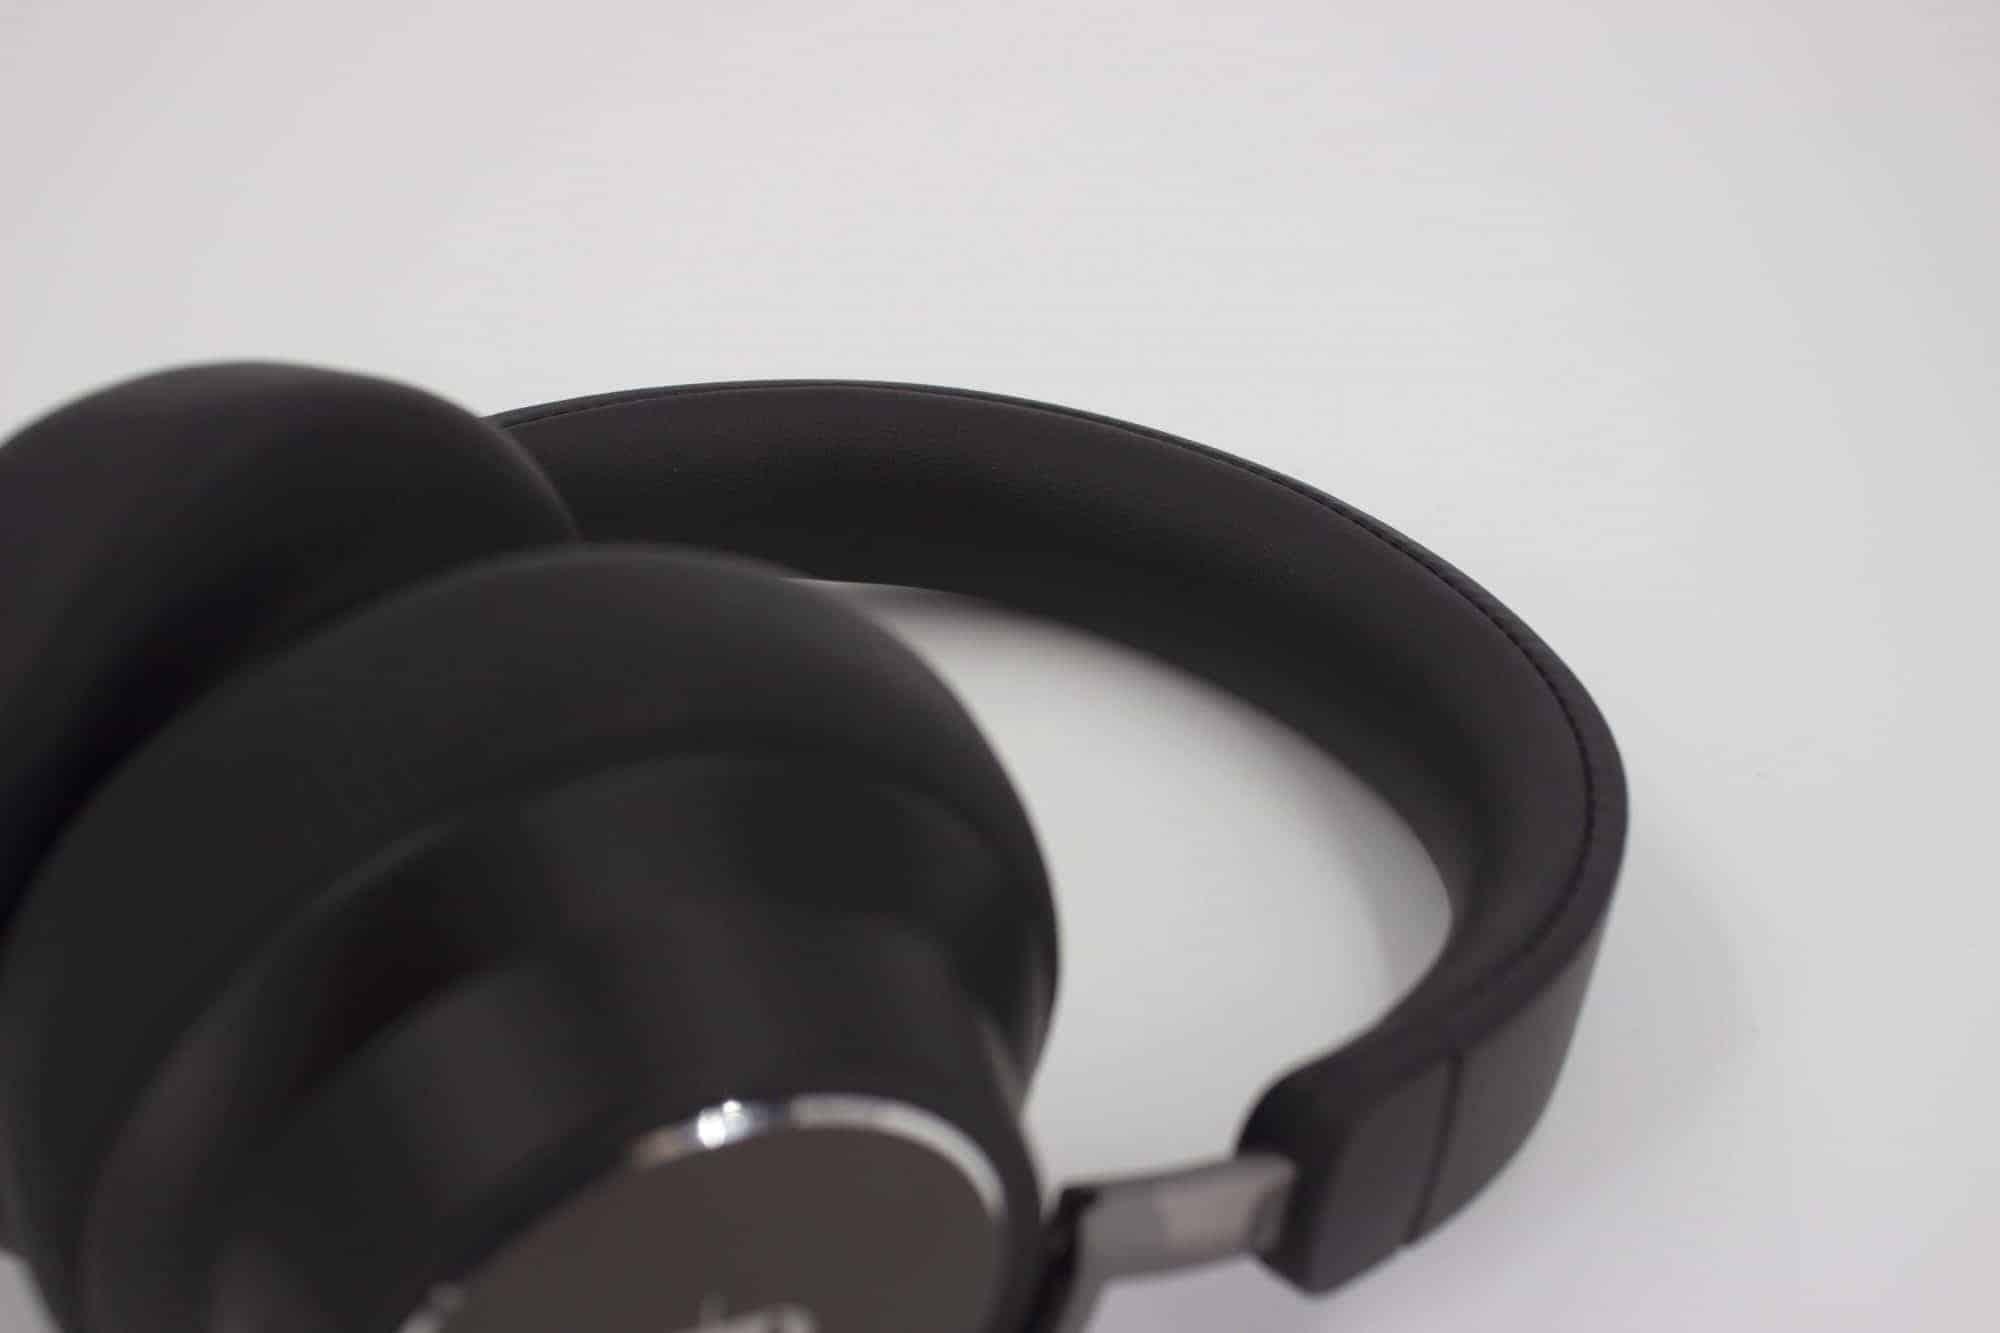 TaoTronics TT-BH046(SoundSurge 46)藍牙降噪耳機推薦 頭枕